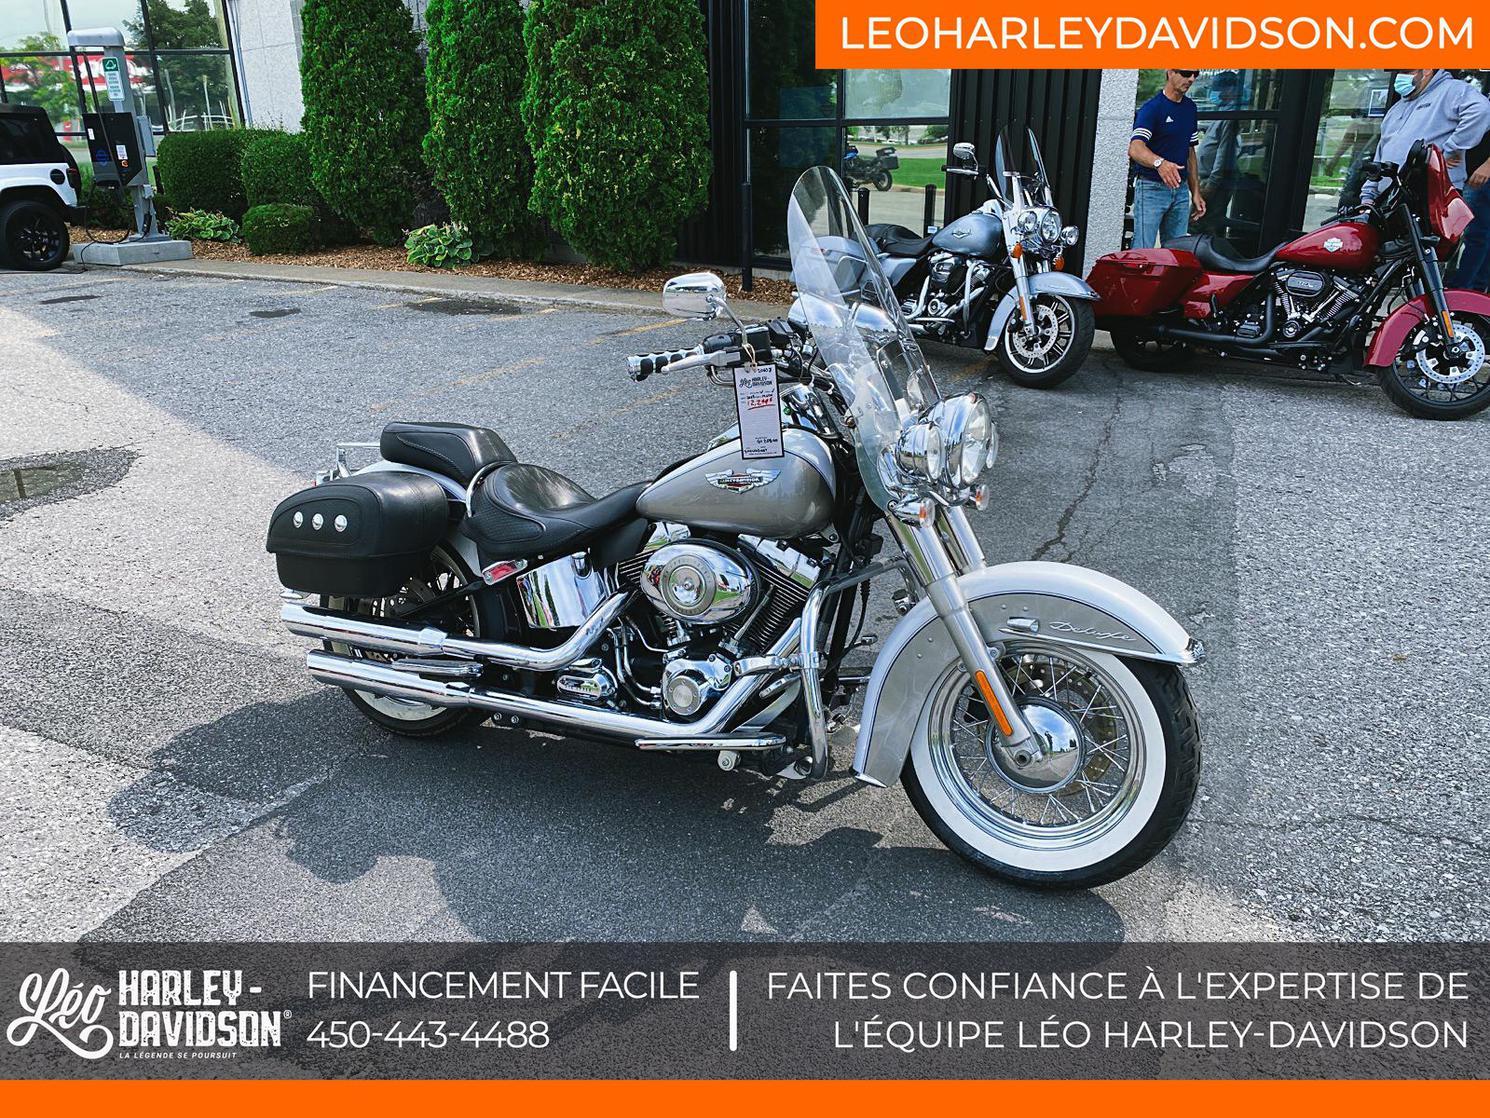 2008 Harley-Davidson ST-Softail Deluxe FLSTN